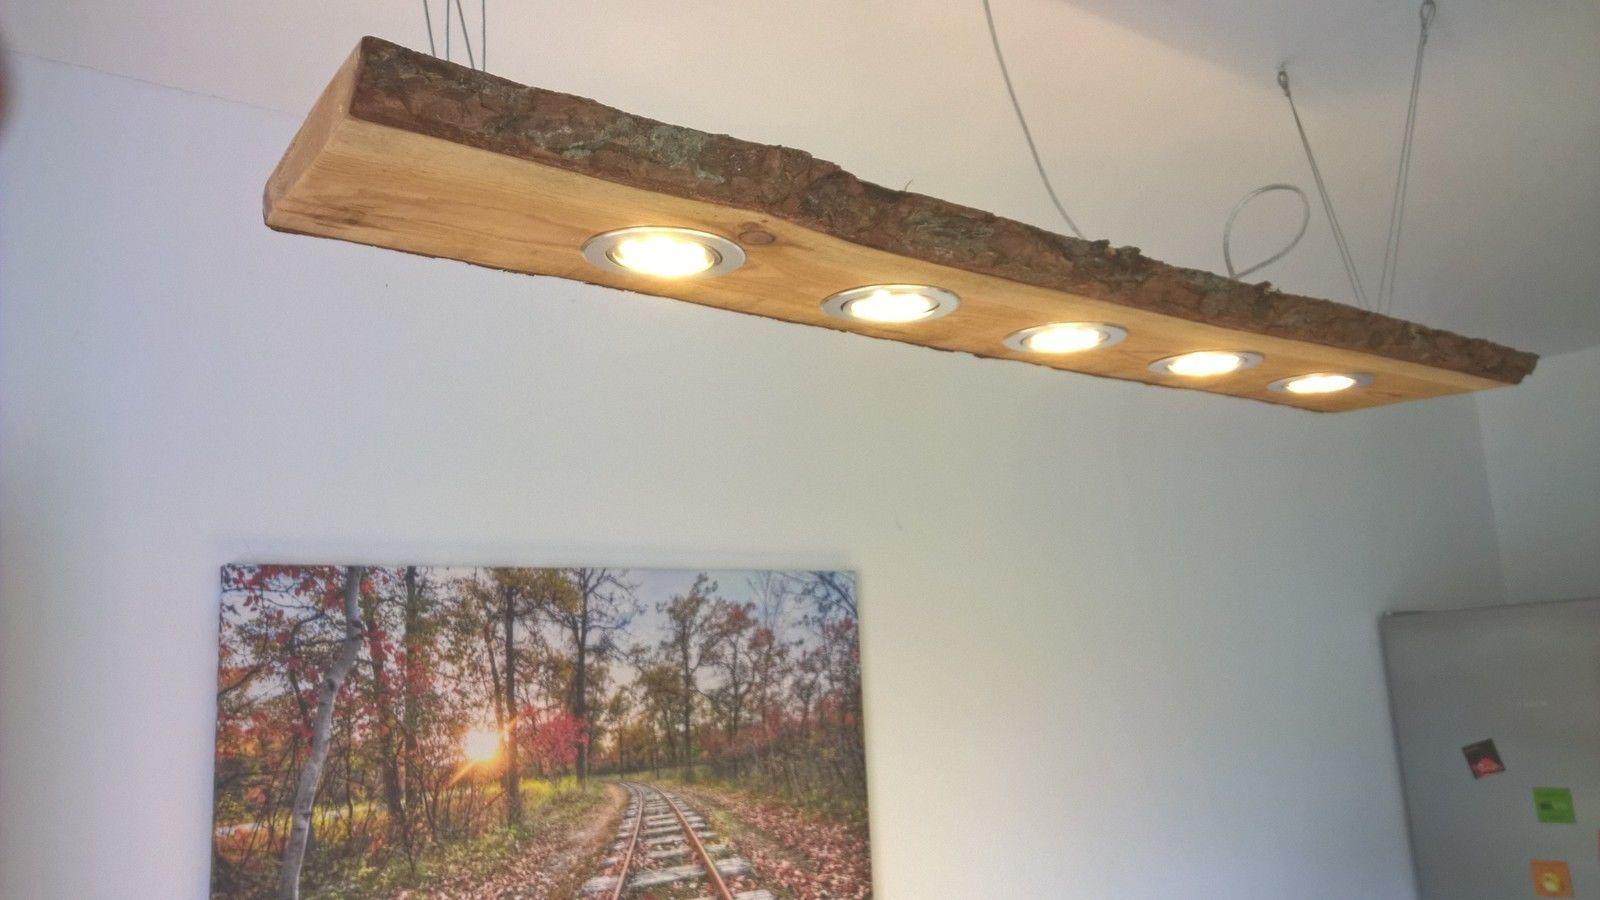 Full Size of Holzlampe Decke Details Zu Lrche Led Hngelampe 120cm 5 Leds Massivholz Rustikal Deckenlampe Bad Schlafzimmer Küche Wohnzimmer Deckenleuchte Decken Tagesdecke Wohnzimmer Holzlampe Decke